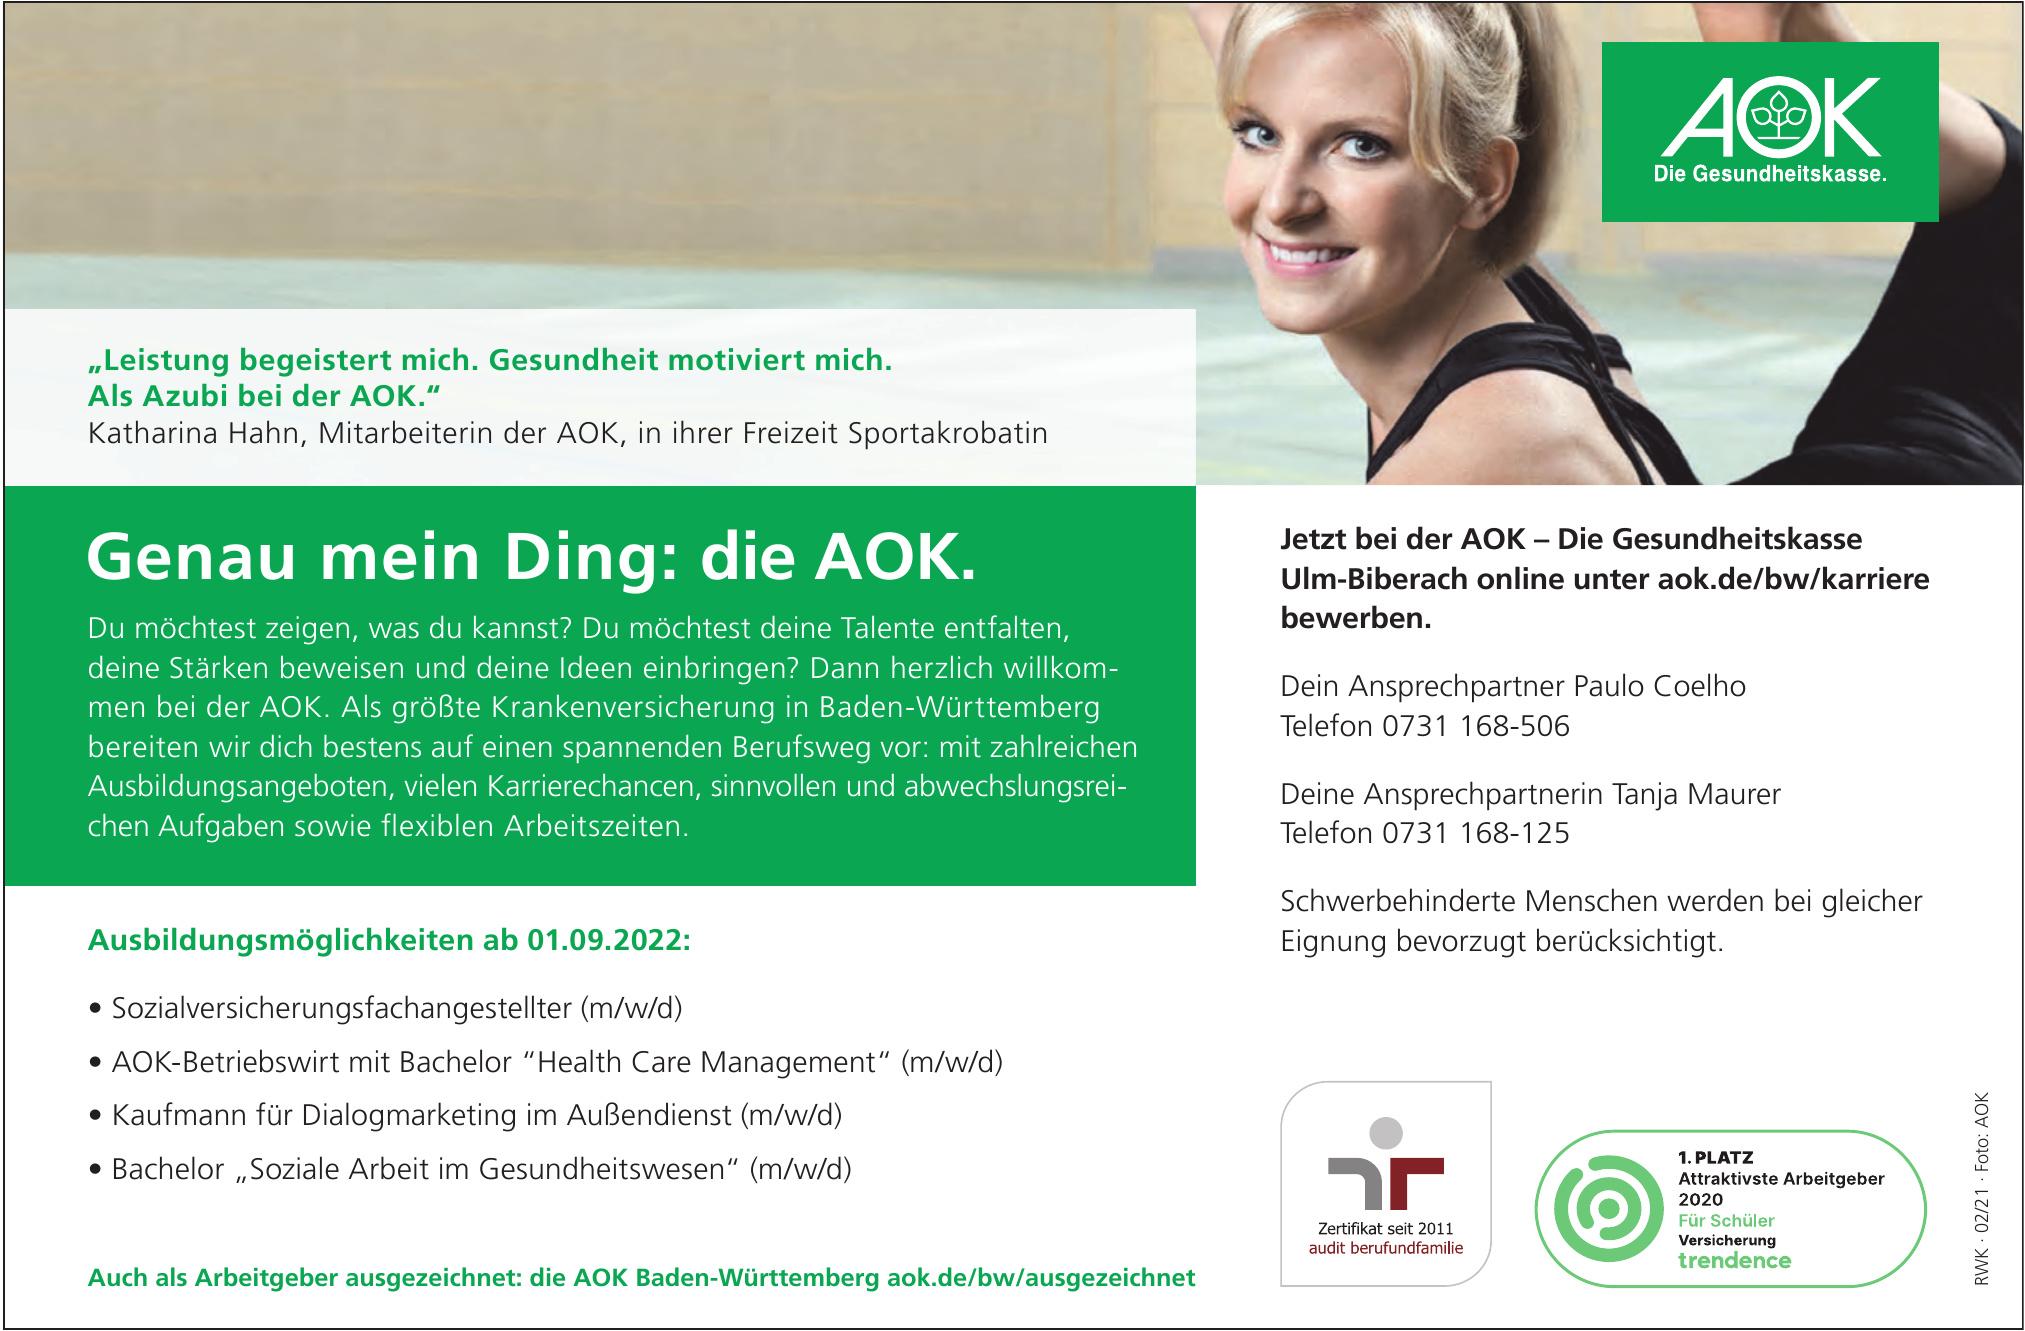 AOK – Die Gesundheitskasse Ulm-Biberach